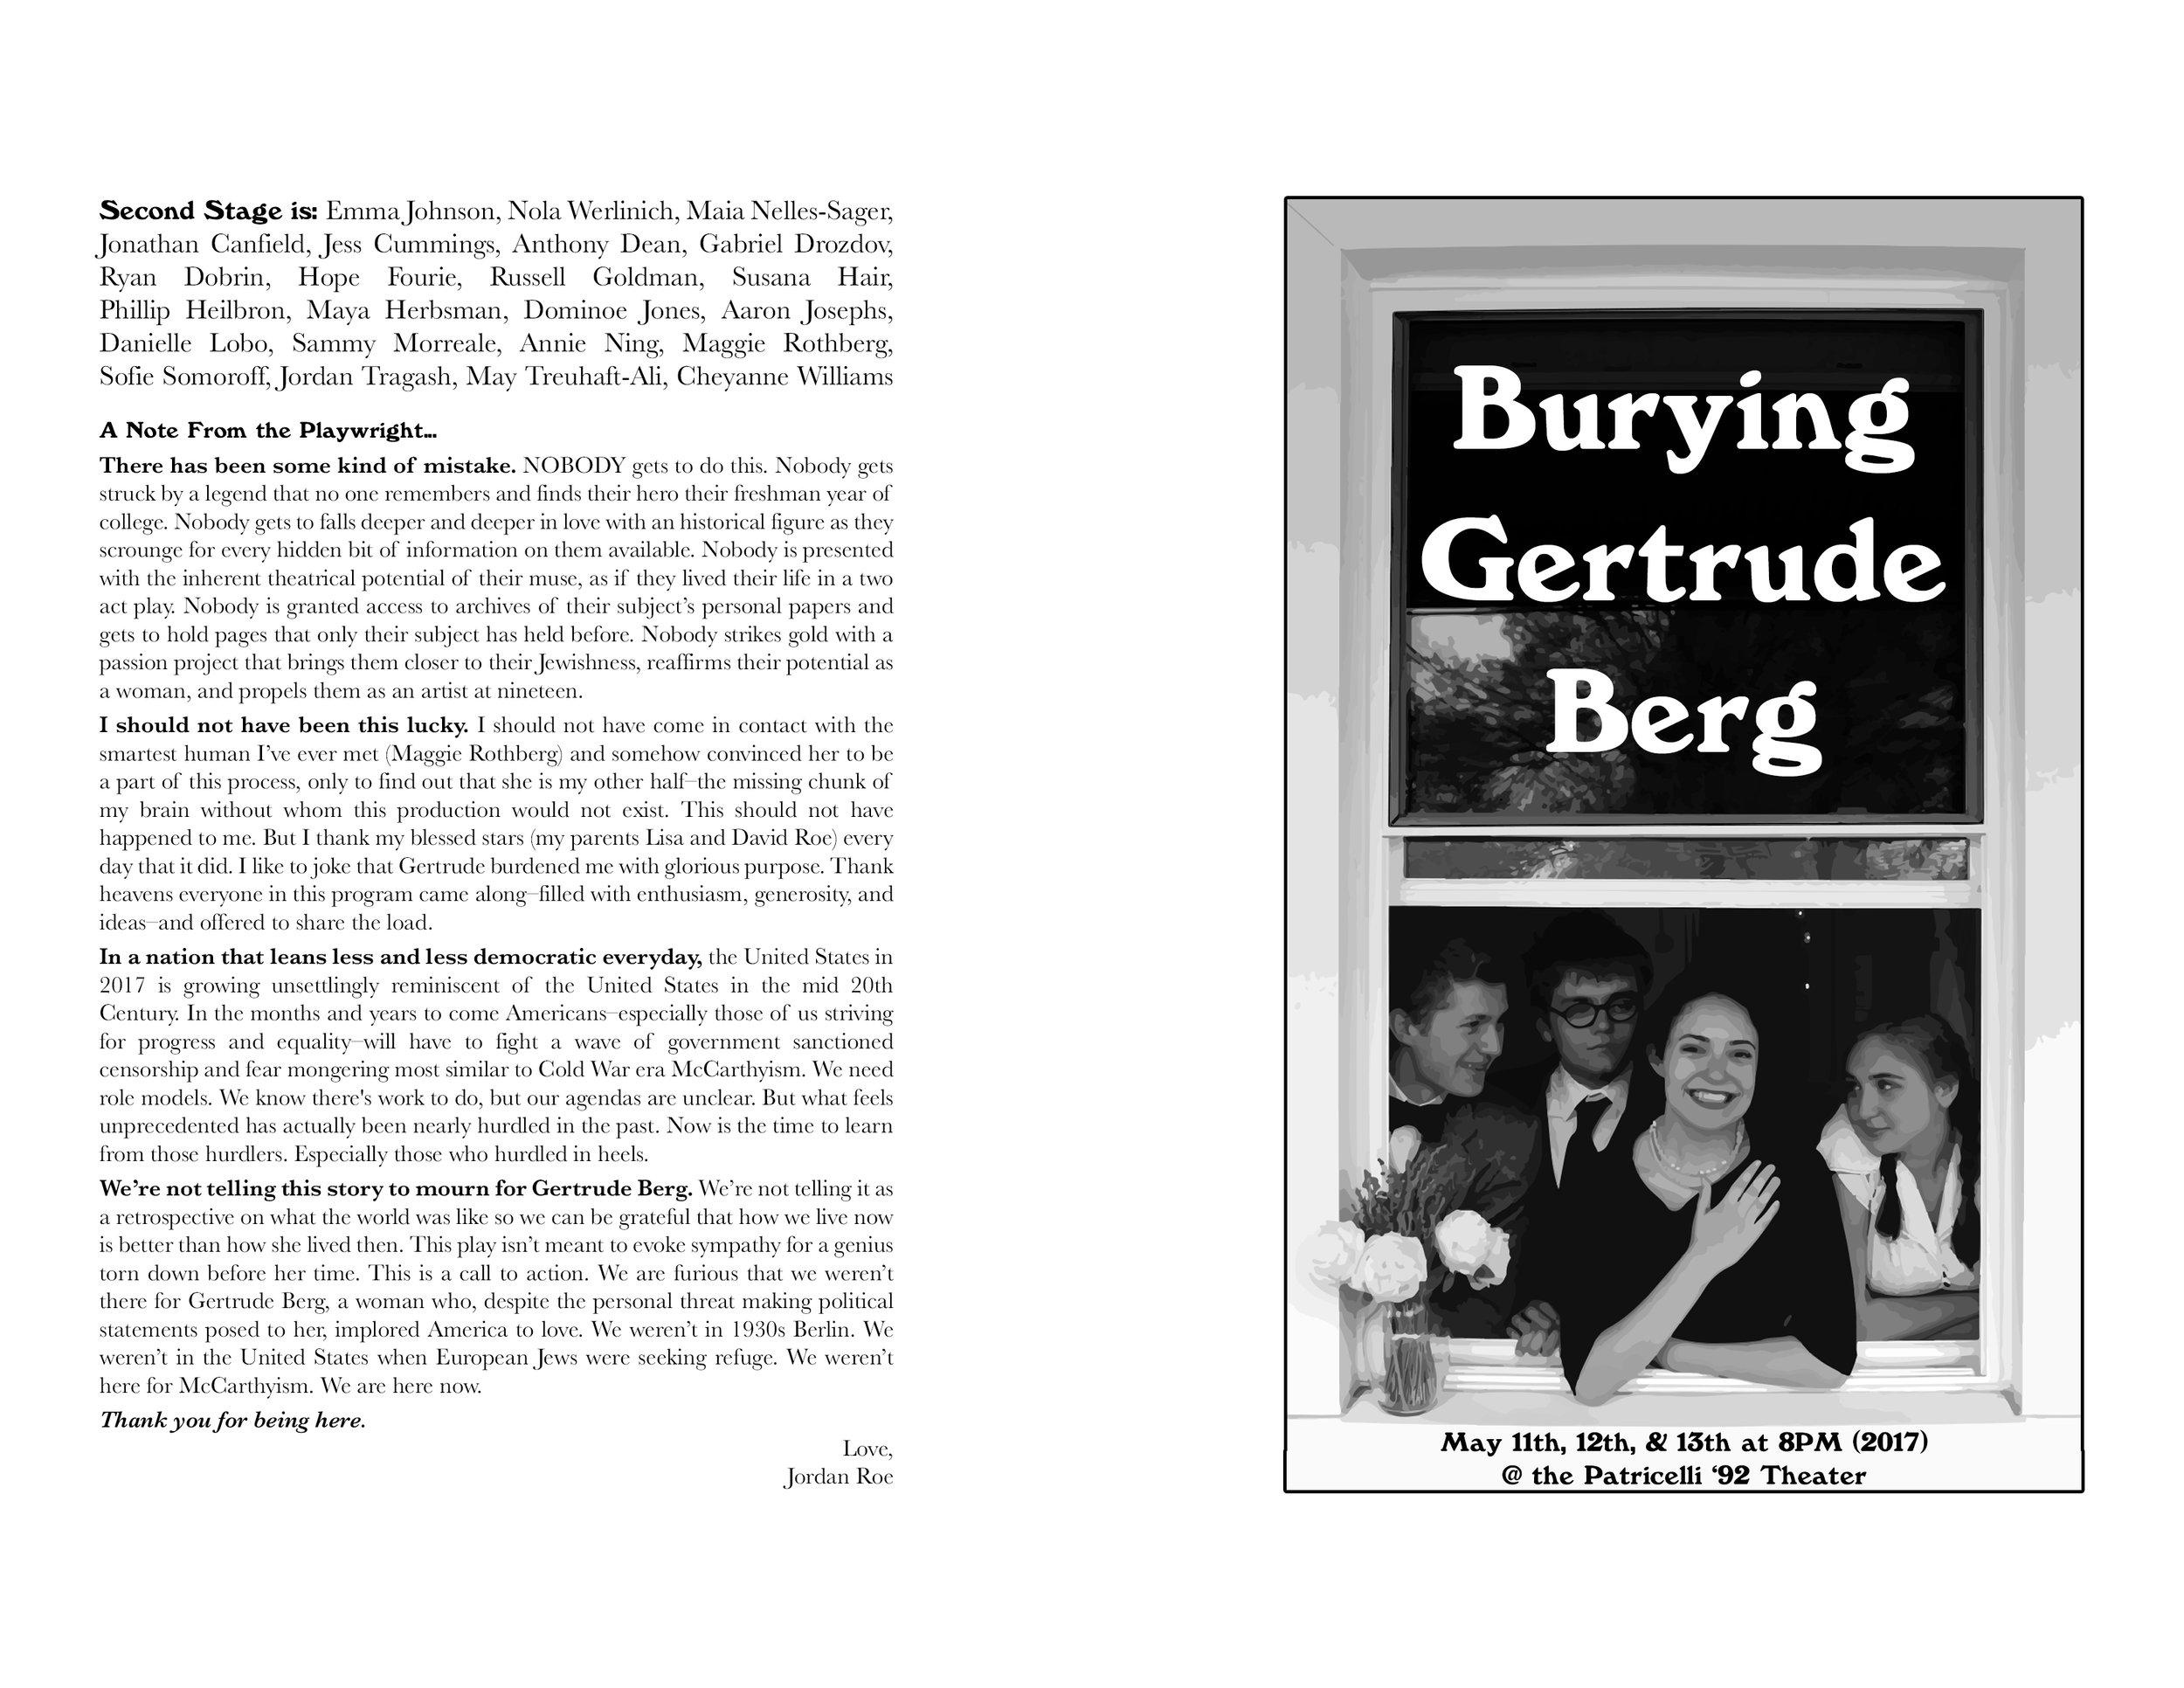 GerdyBerg-Program1.jpg